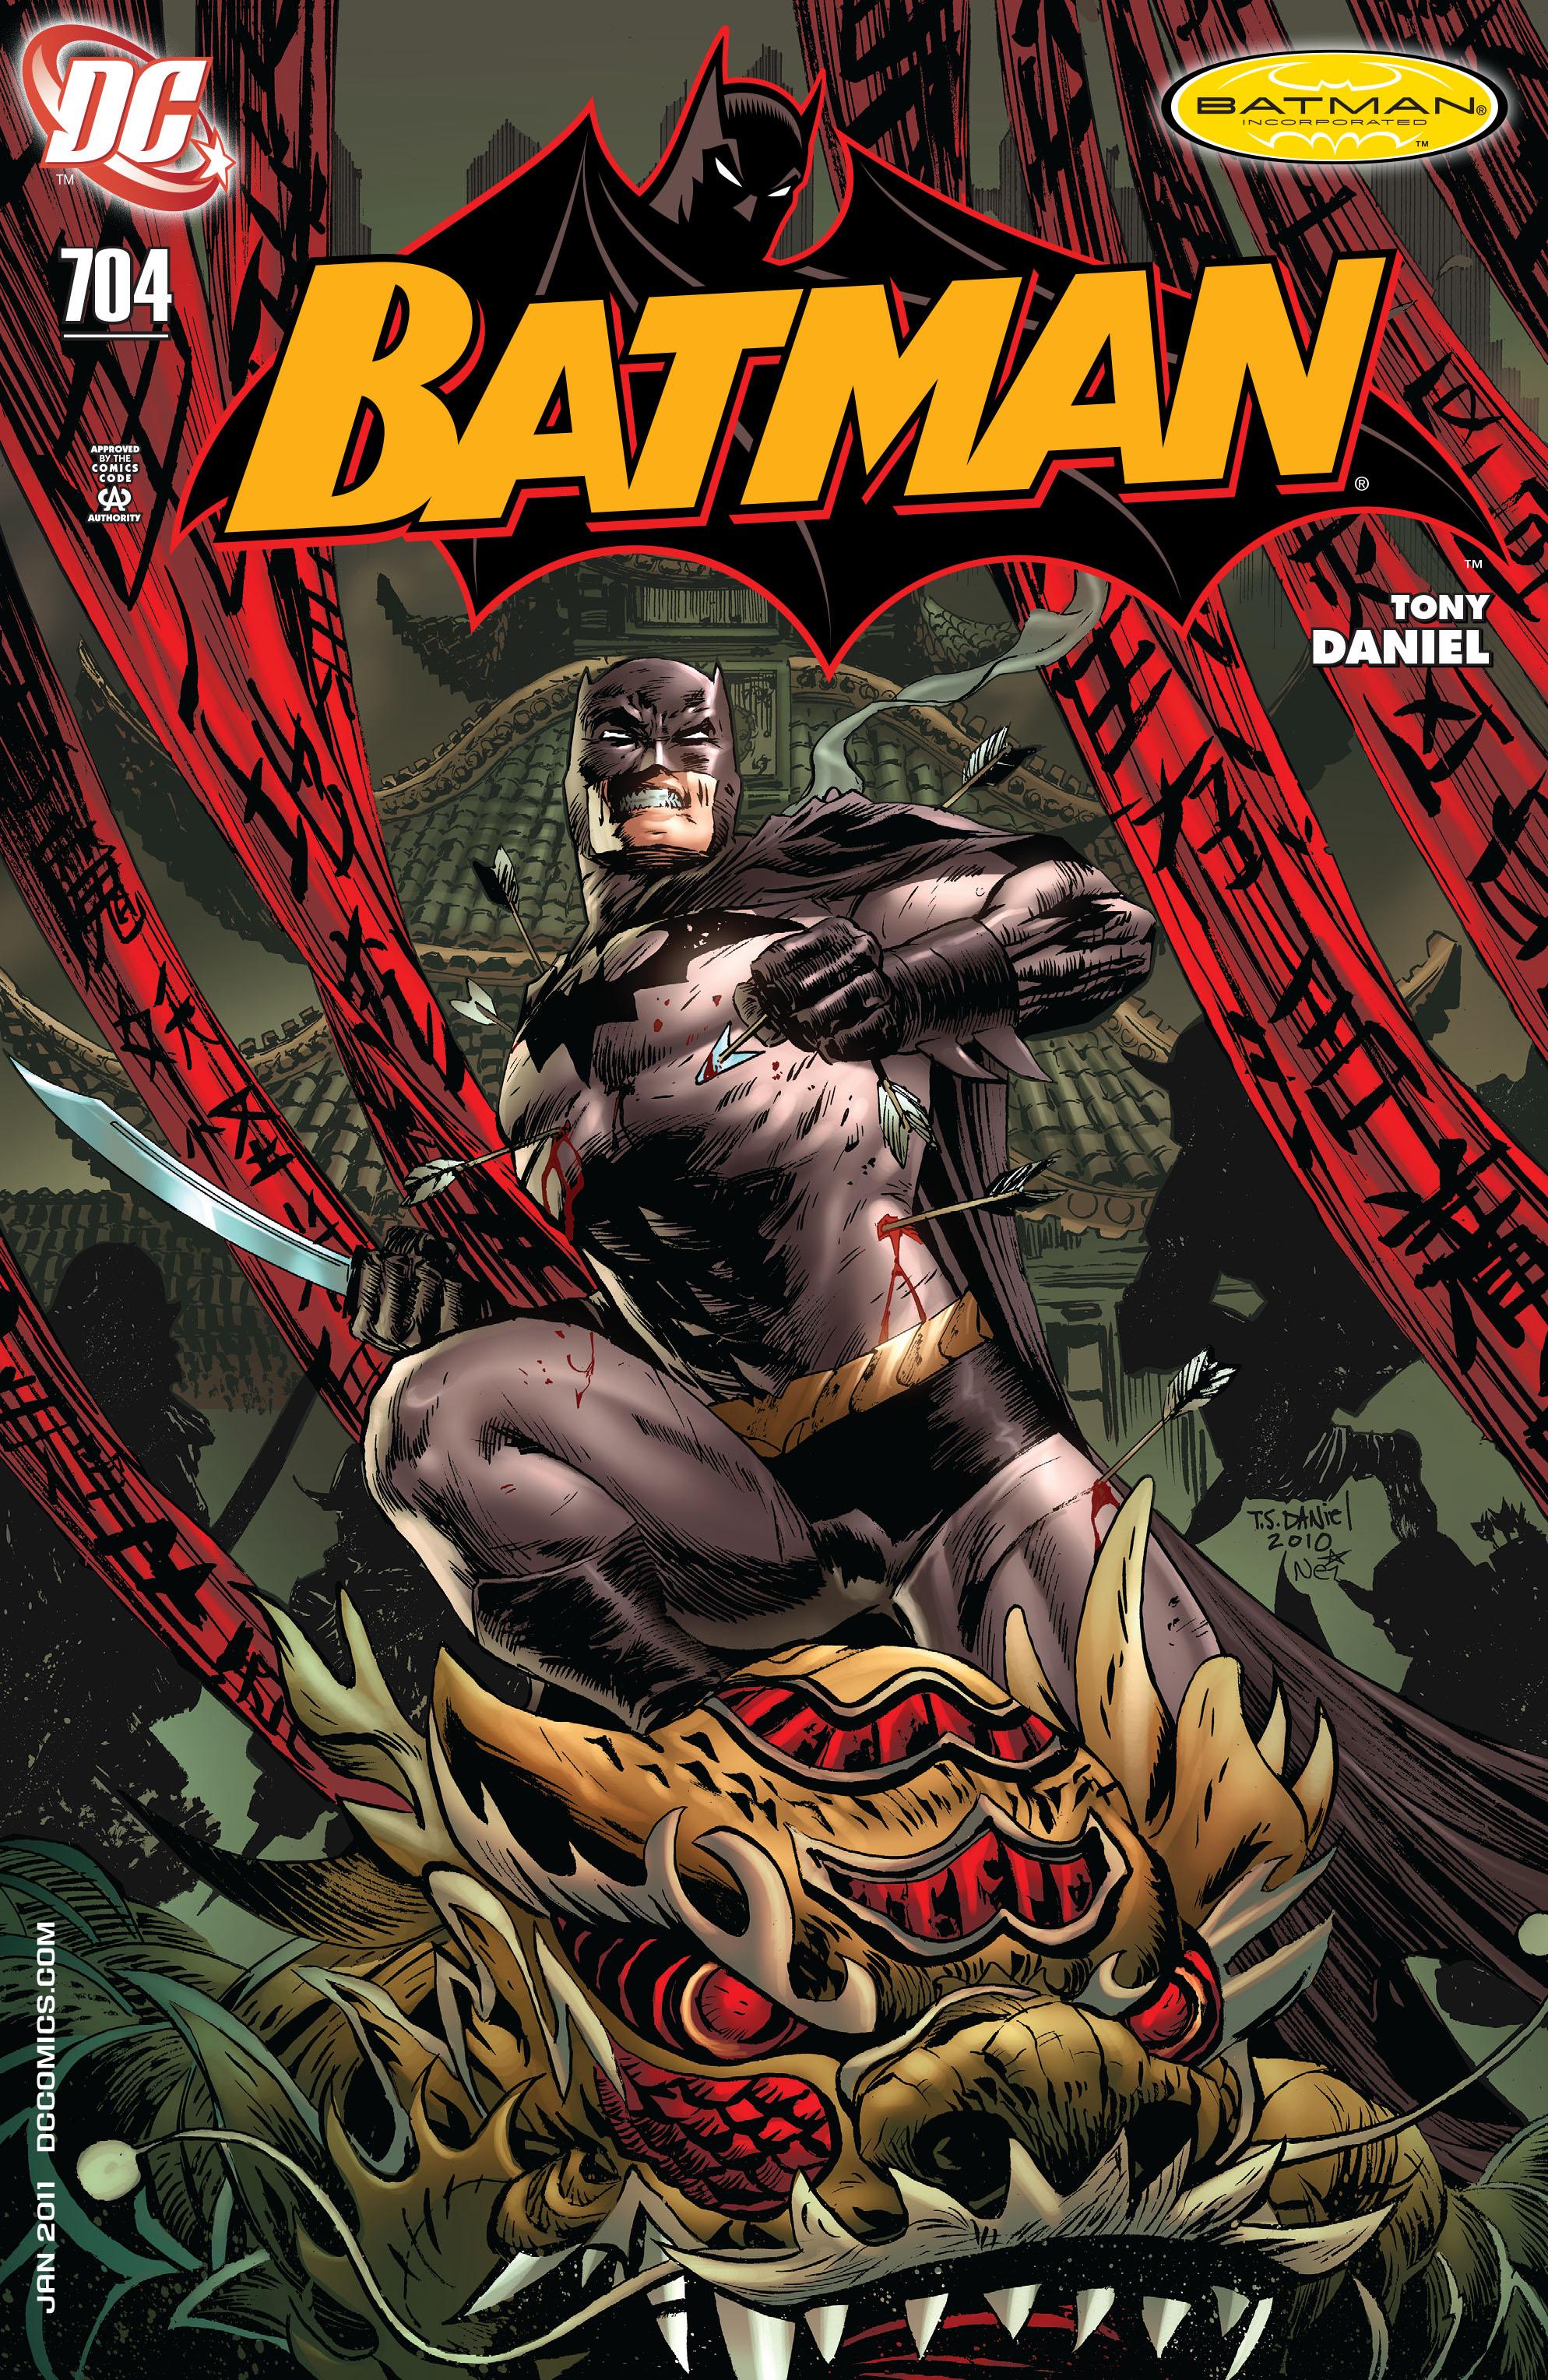 Batman (1940) 704 Page 1